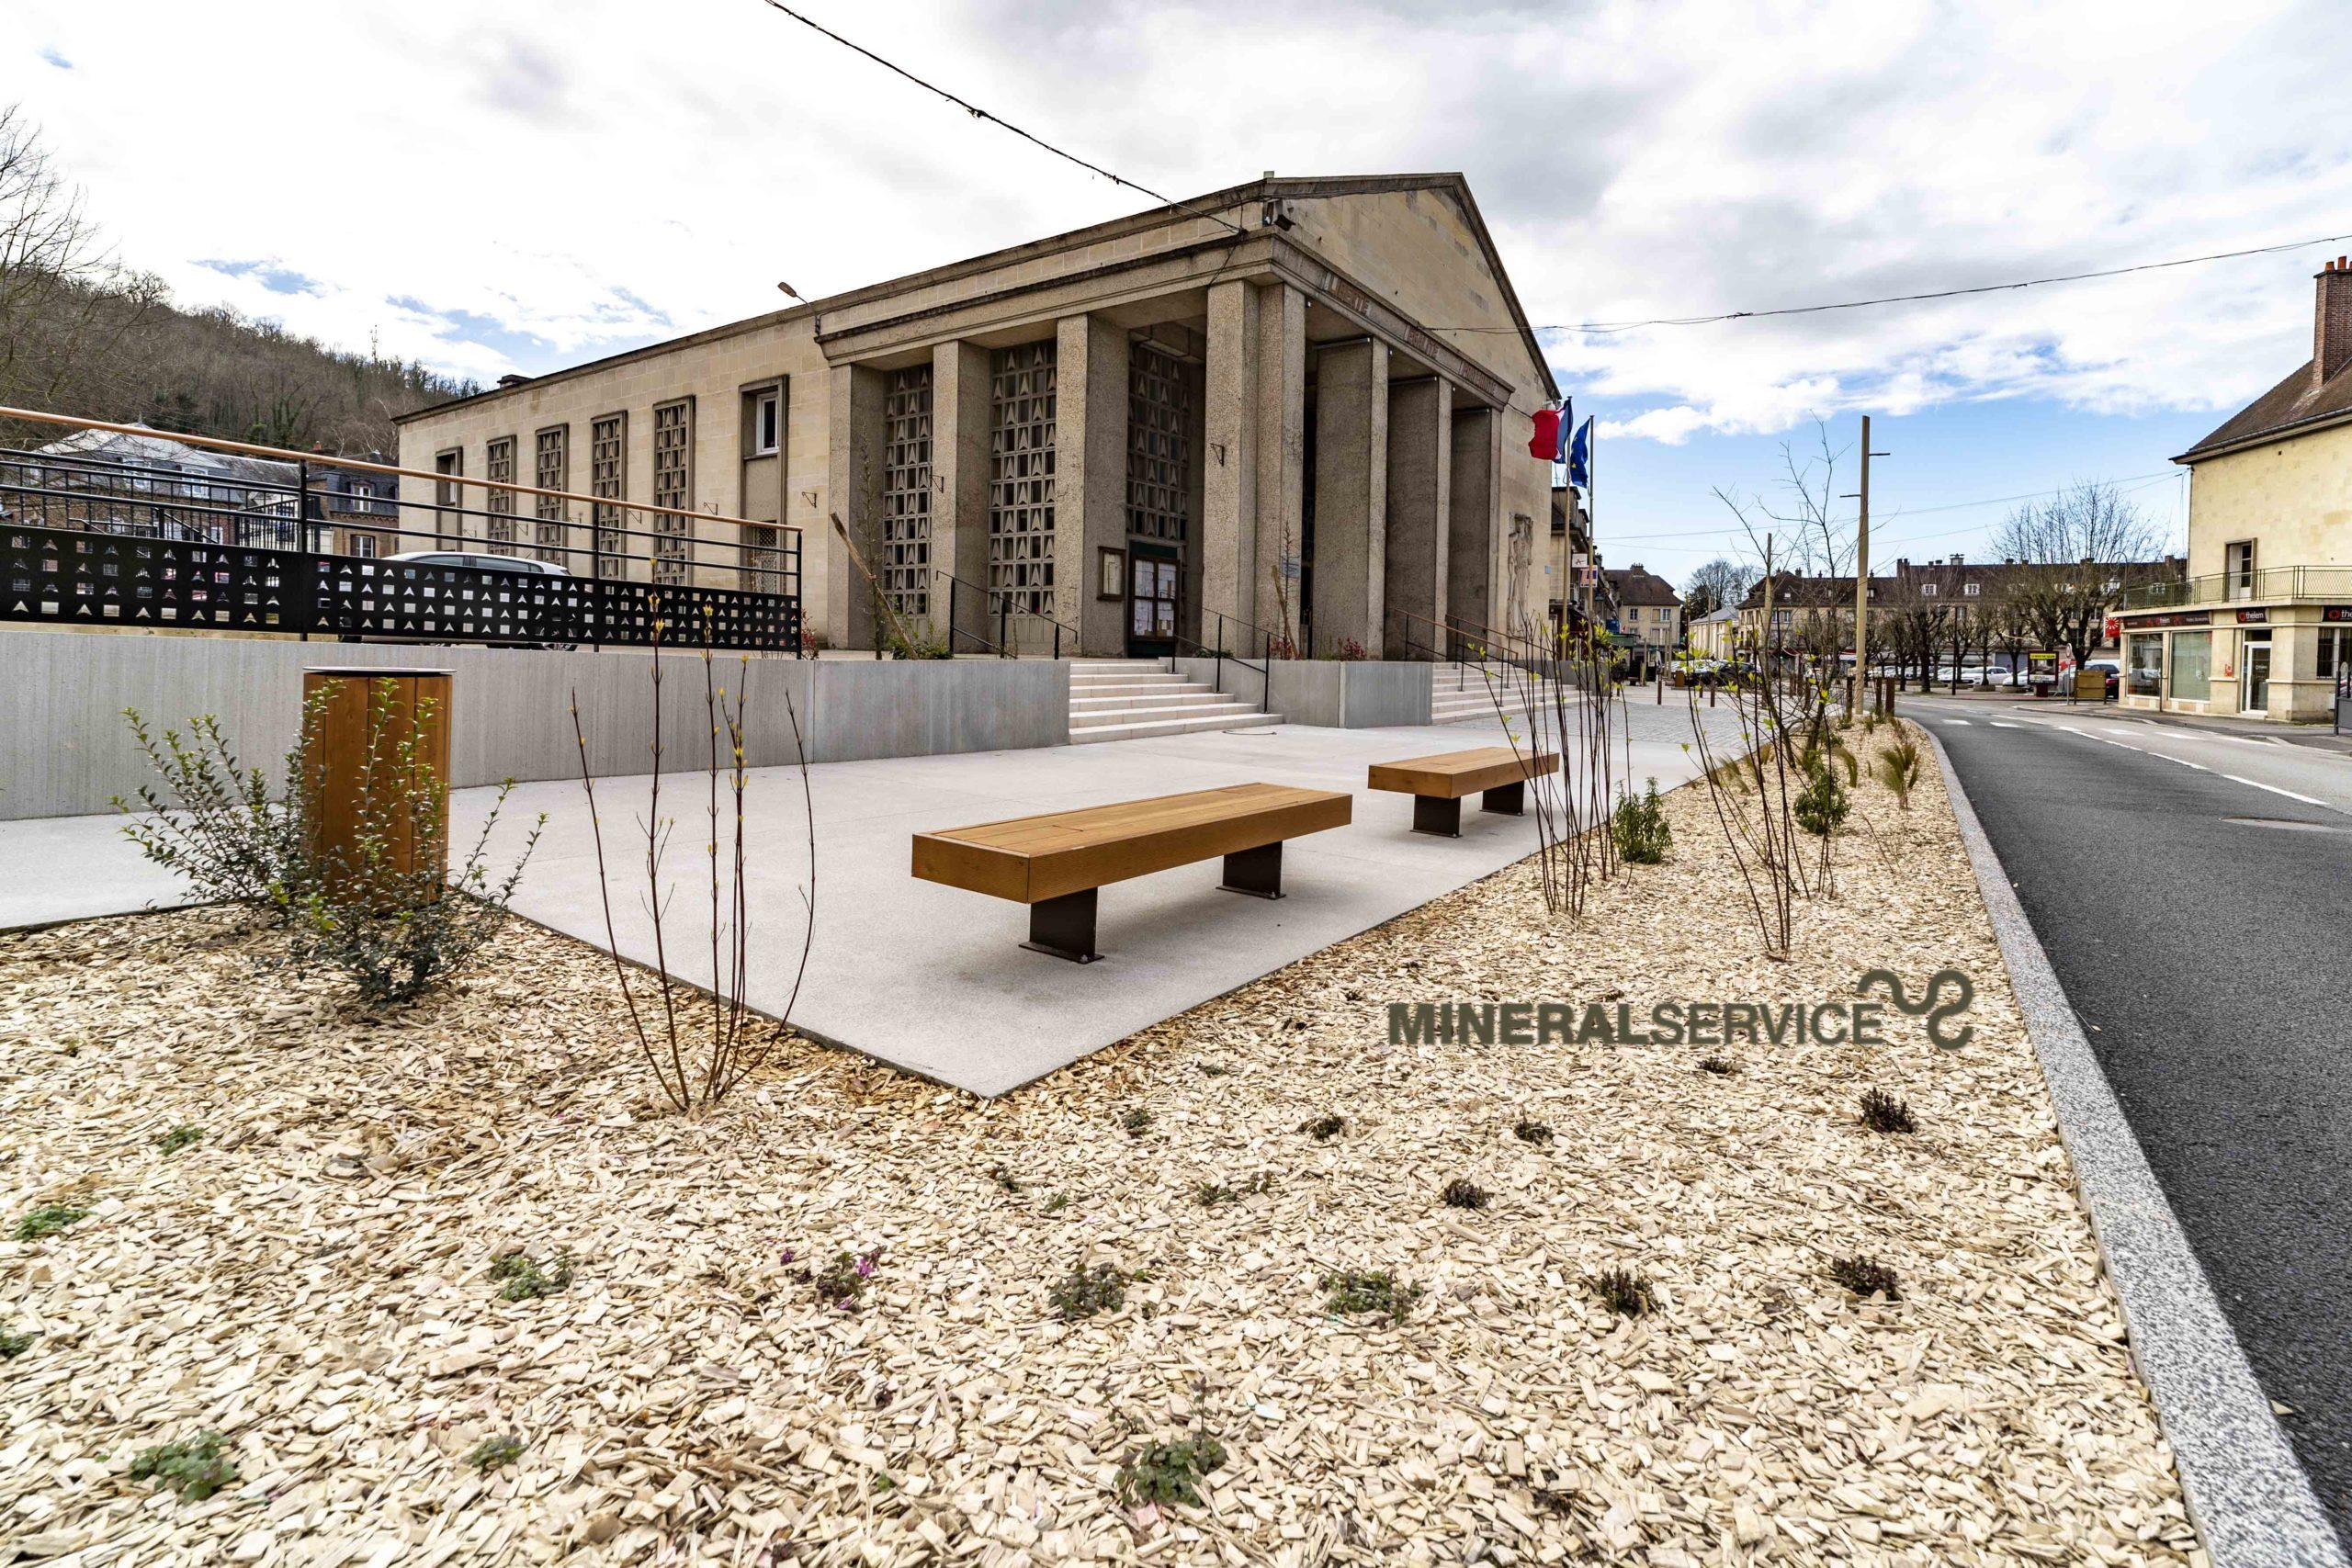 Aménagements urbains - Les Andelys